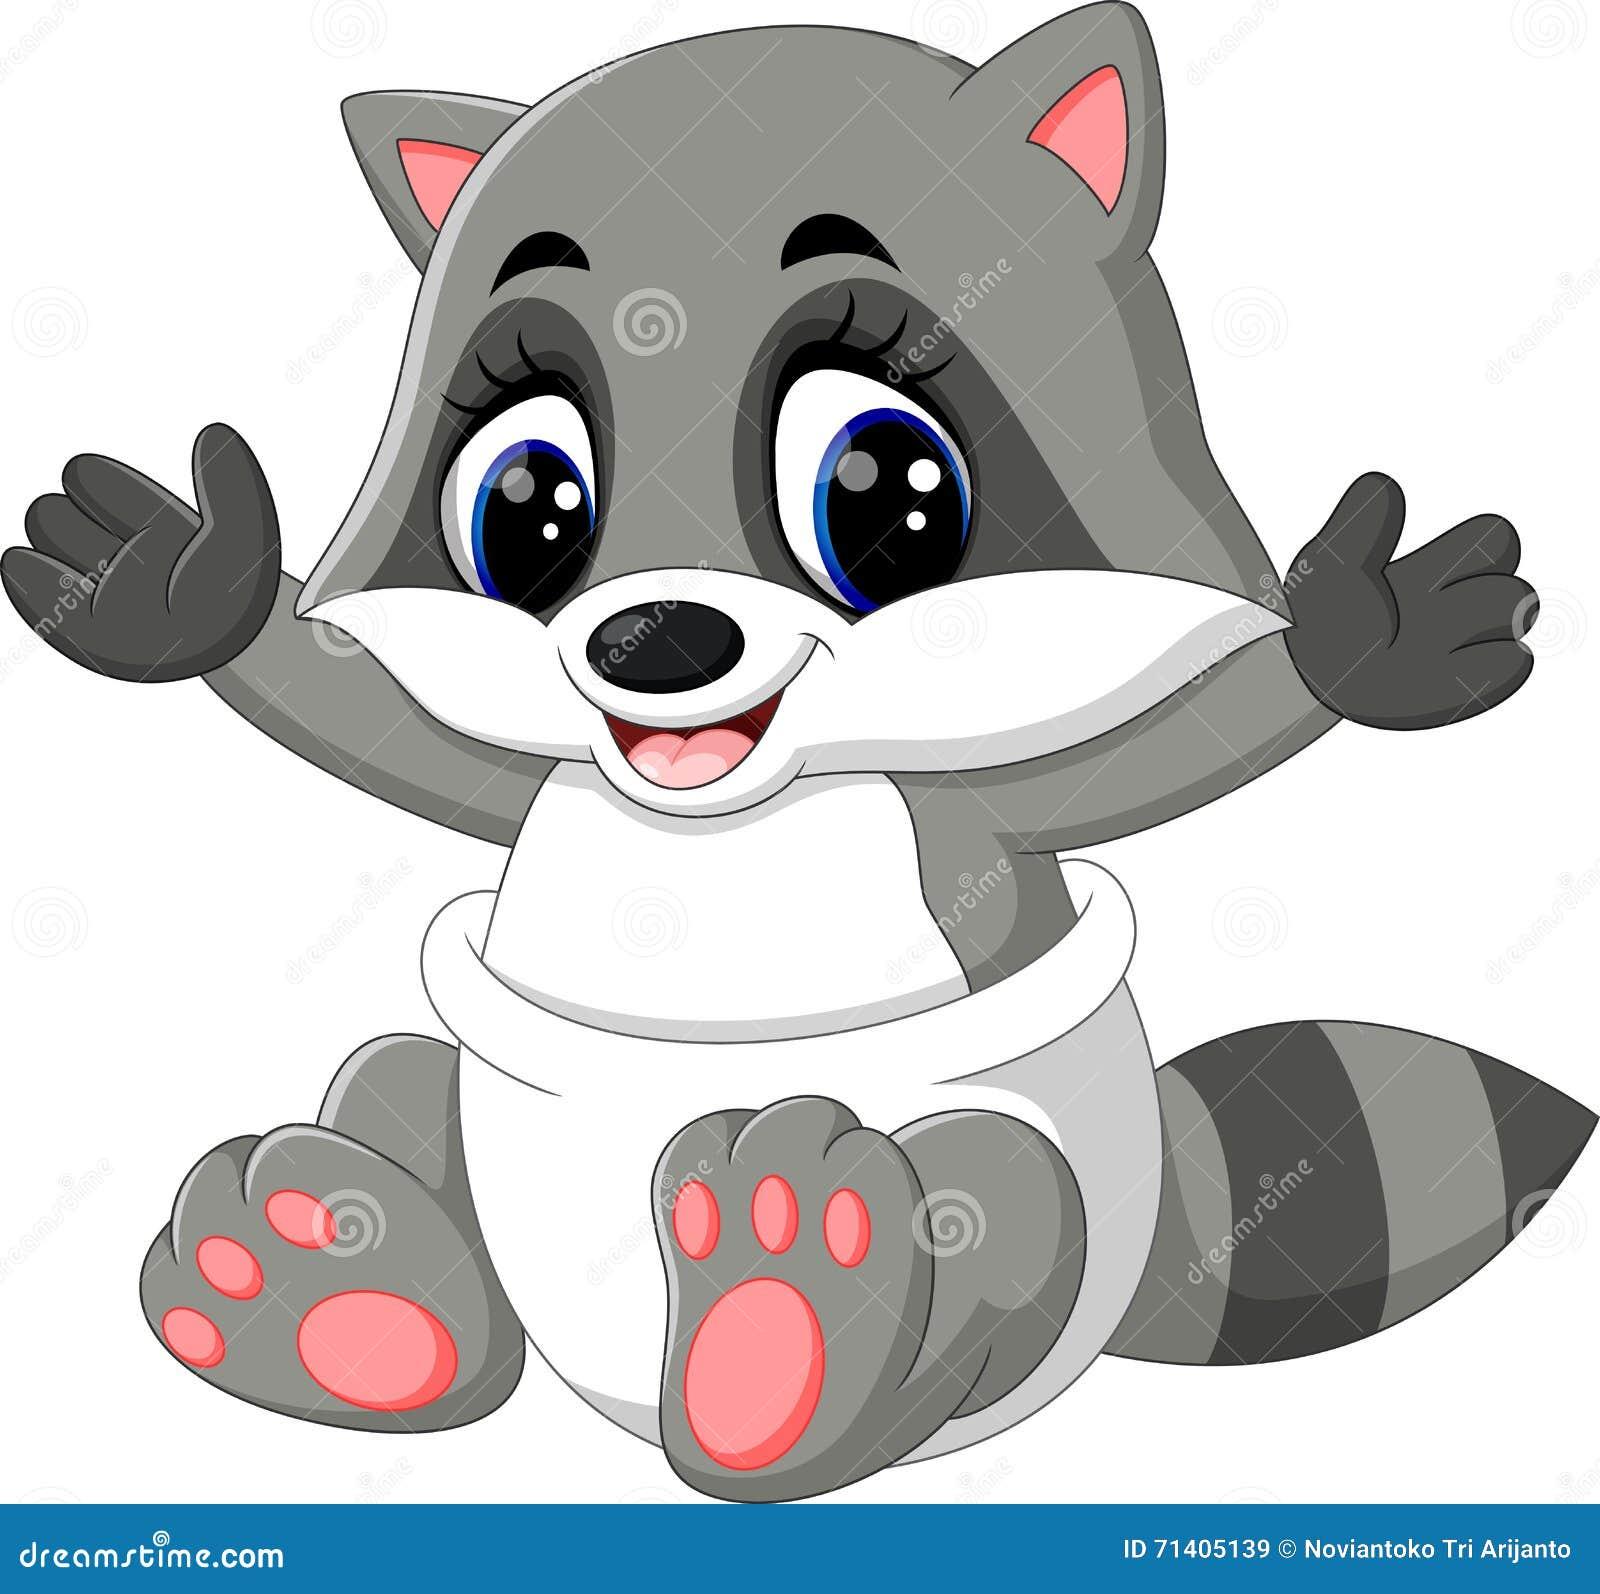 Baby Raccoon Cartoon Stock Vector - Image: 71405139 Raccoon Drawing